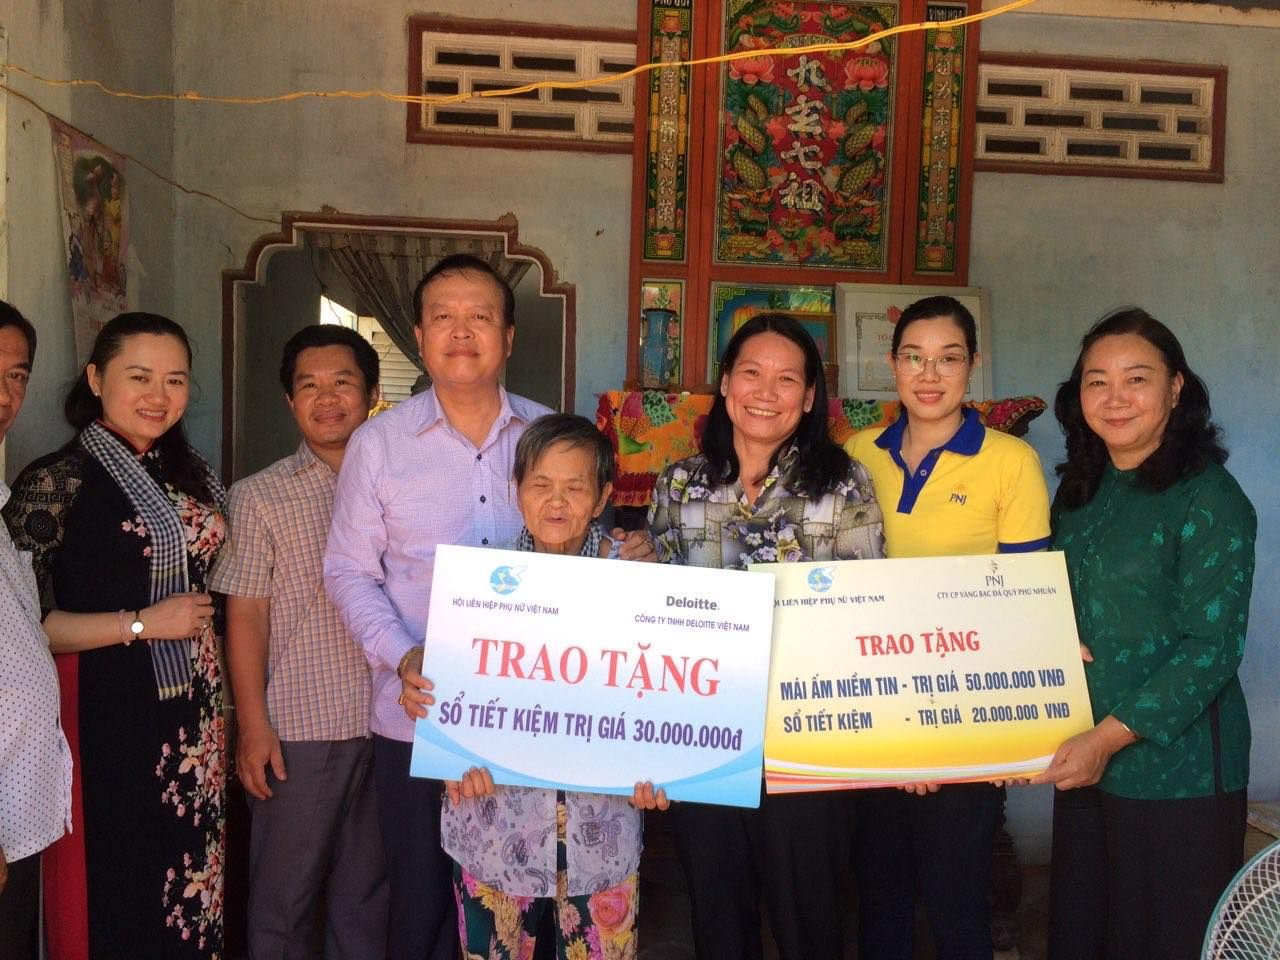 """PNJ Tặng Mái Ấm Niềm Tin Và Sổ Tiết Kiệm Cho """"Ân Nhân"""" Của Nữ Tướng Nguyễn Thị Định"""